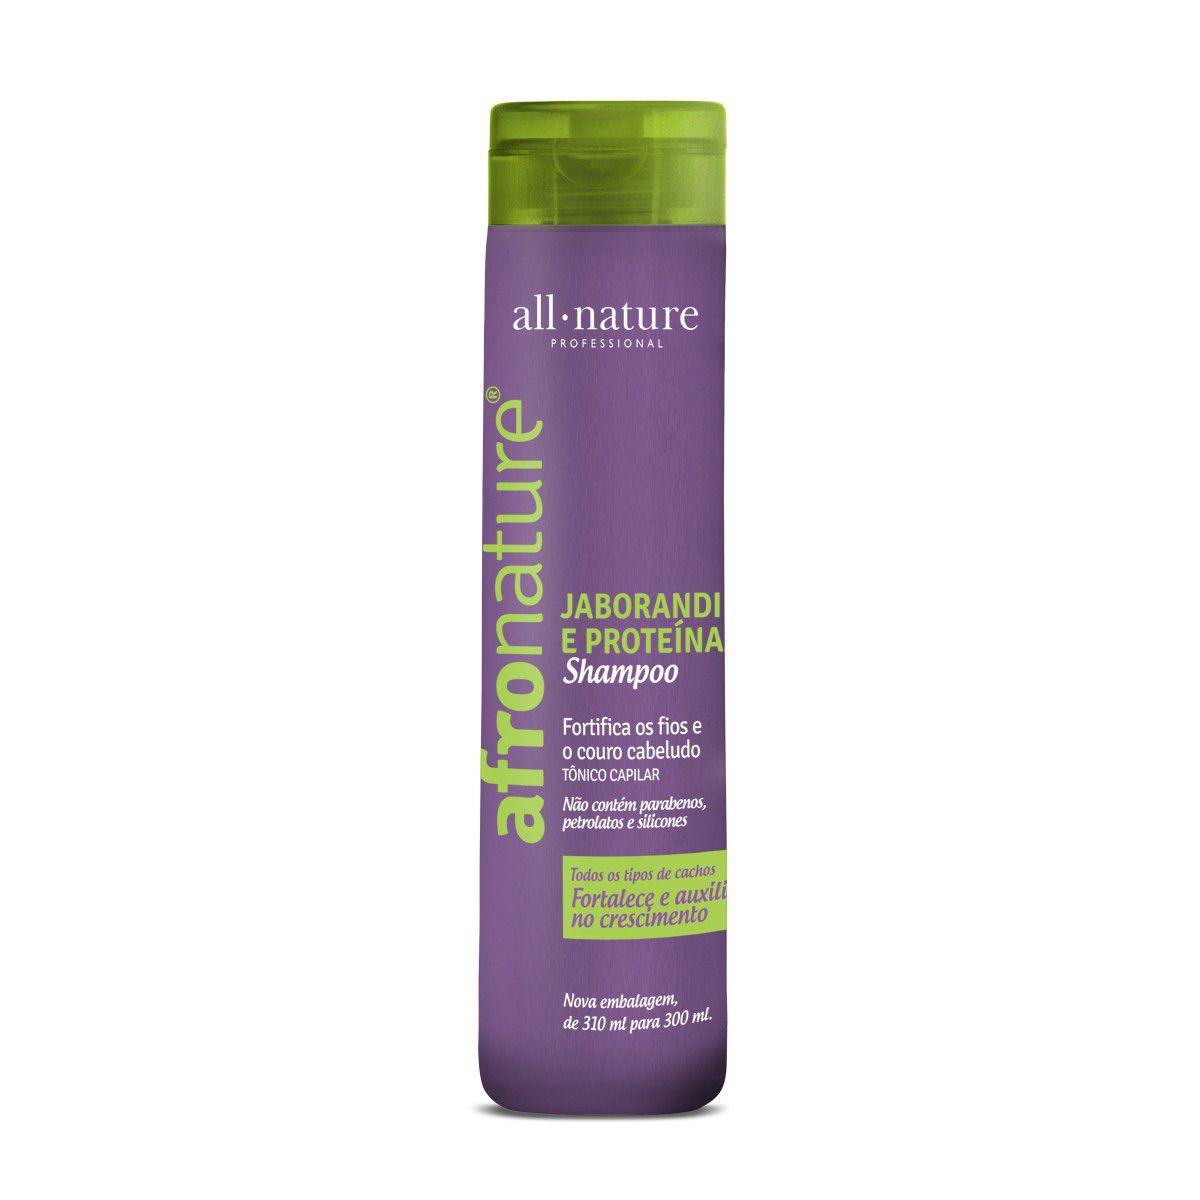 Shampoo de Jaborandi e Proteínas 310ml Afro Nature   All Nature  Com Pilocarpina Combate a Queda e Melhora o Crescimento